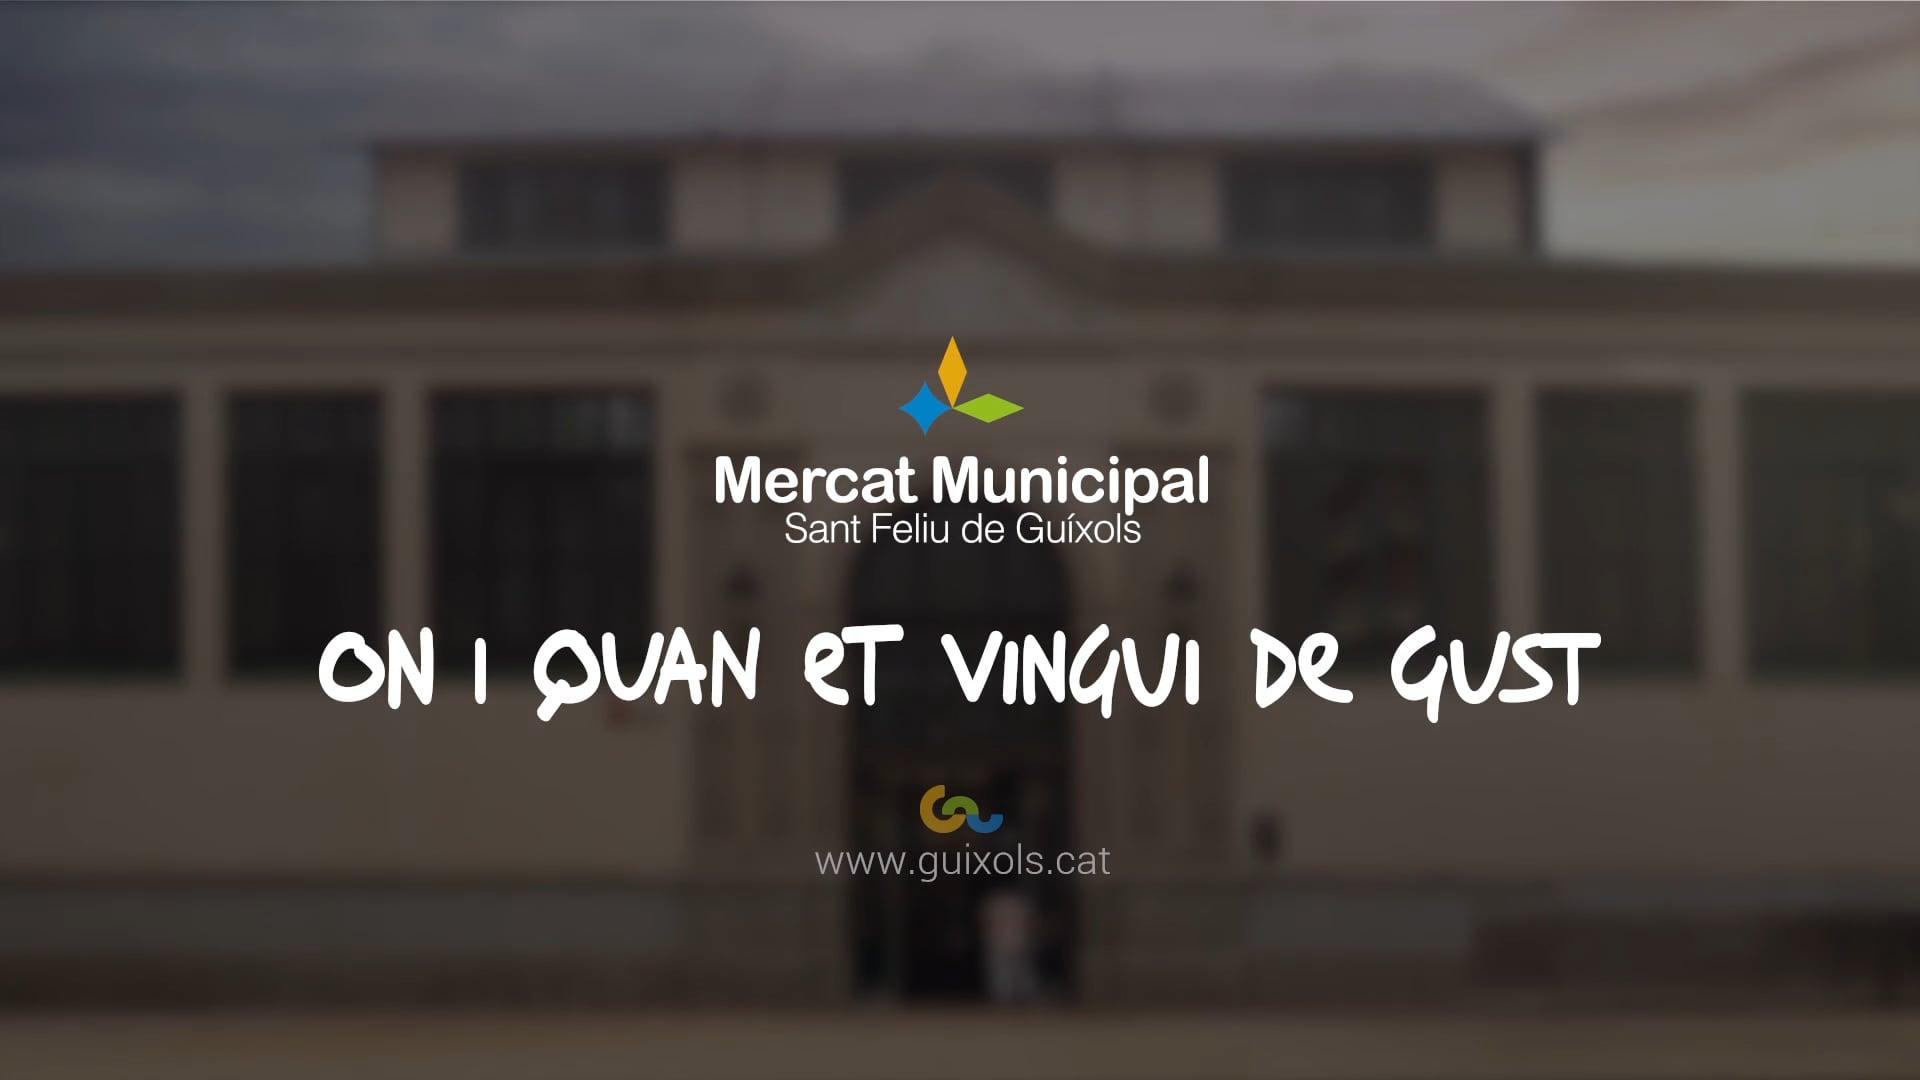 Mercat Municipal Sant Feliu de Guixols